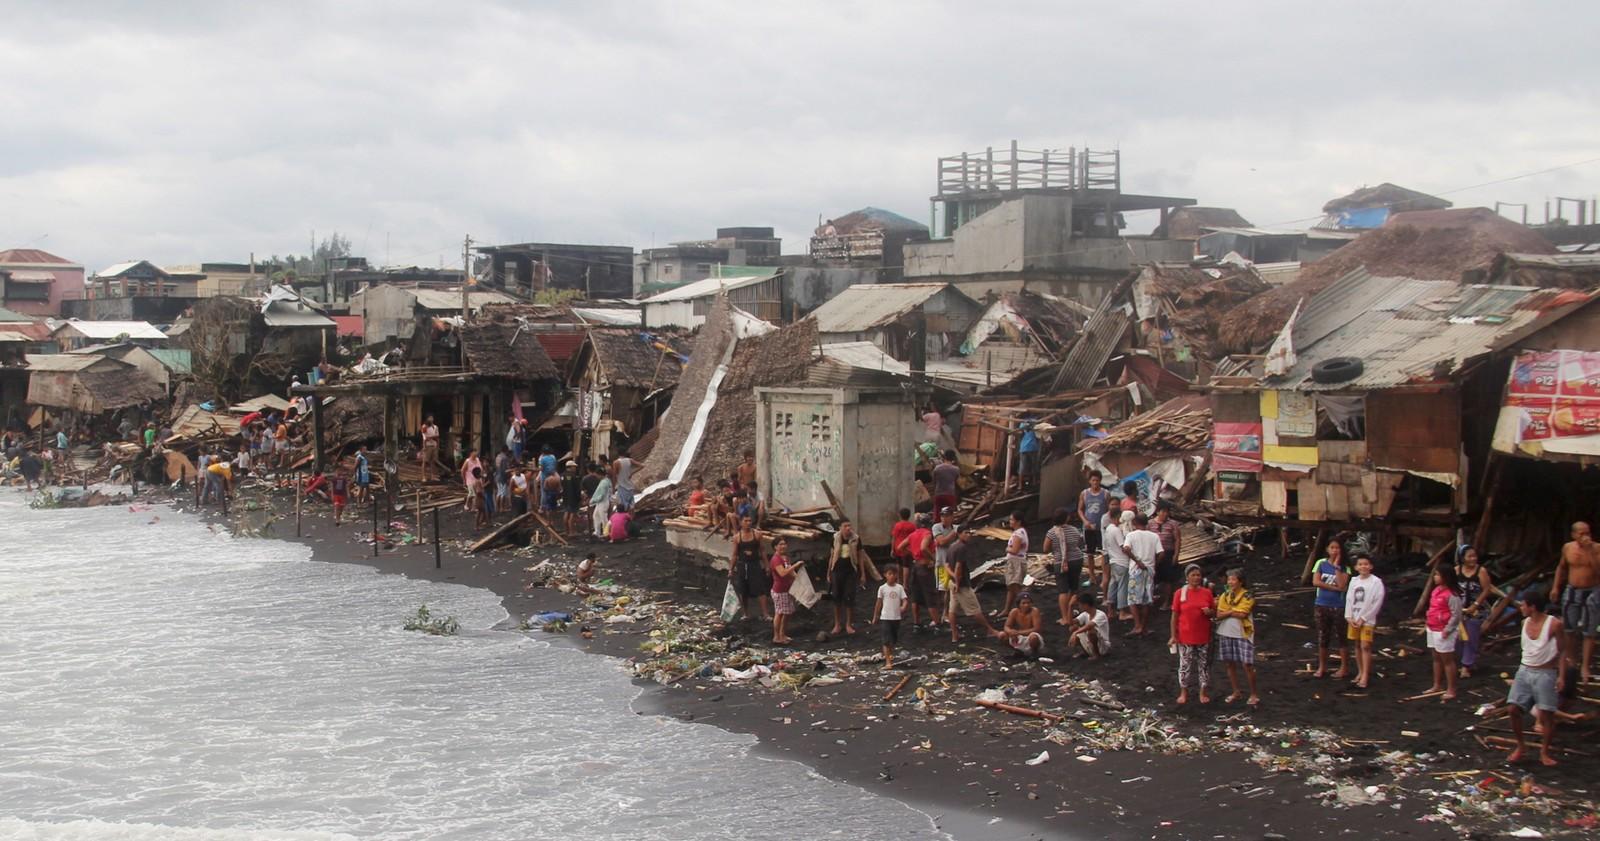 Kystlandsbyen Pigcale i Filipinene ble truffet av en tyfon denne uka. Store deler av landet ble ramma av flom, mange mista strømmen og over 800.000 måtte evakueres.